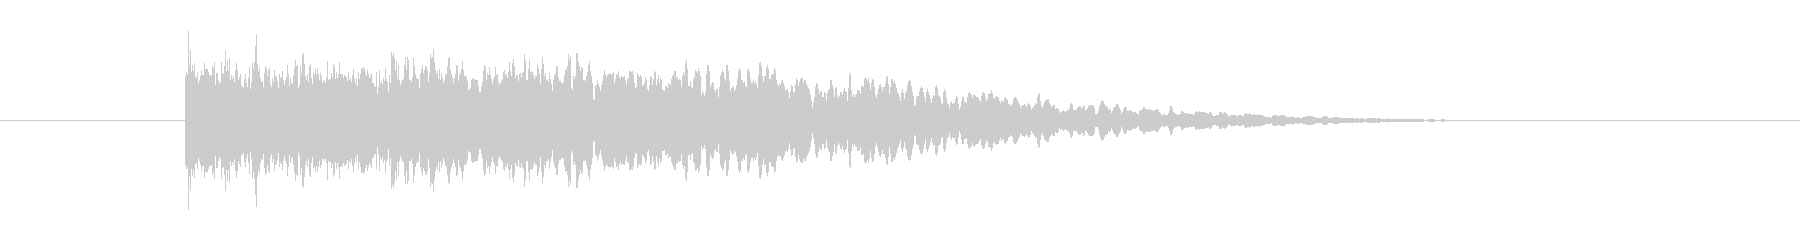 ヒューンというSF風の音の未再生の波形